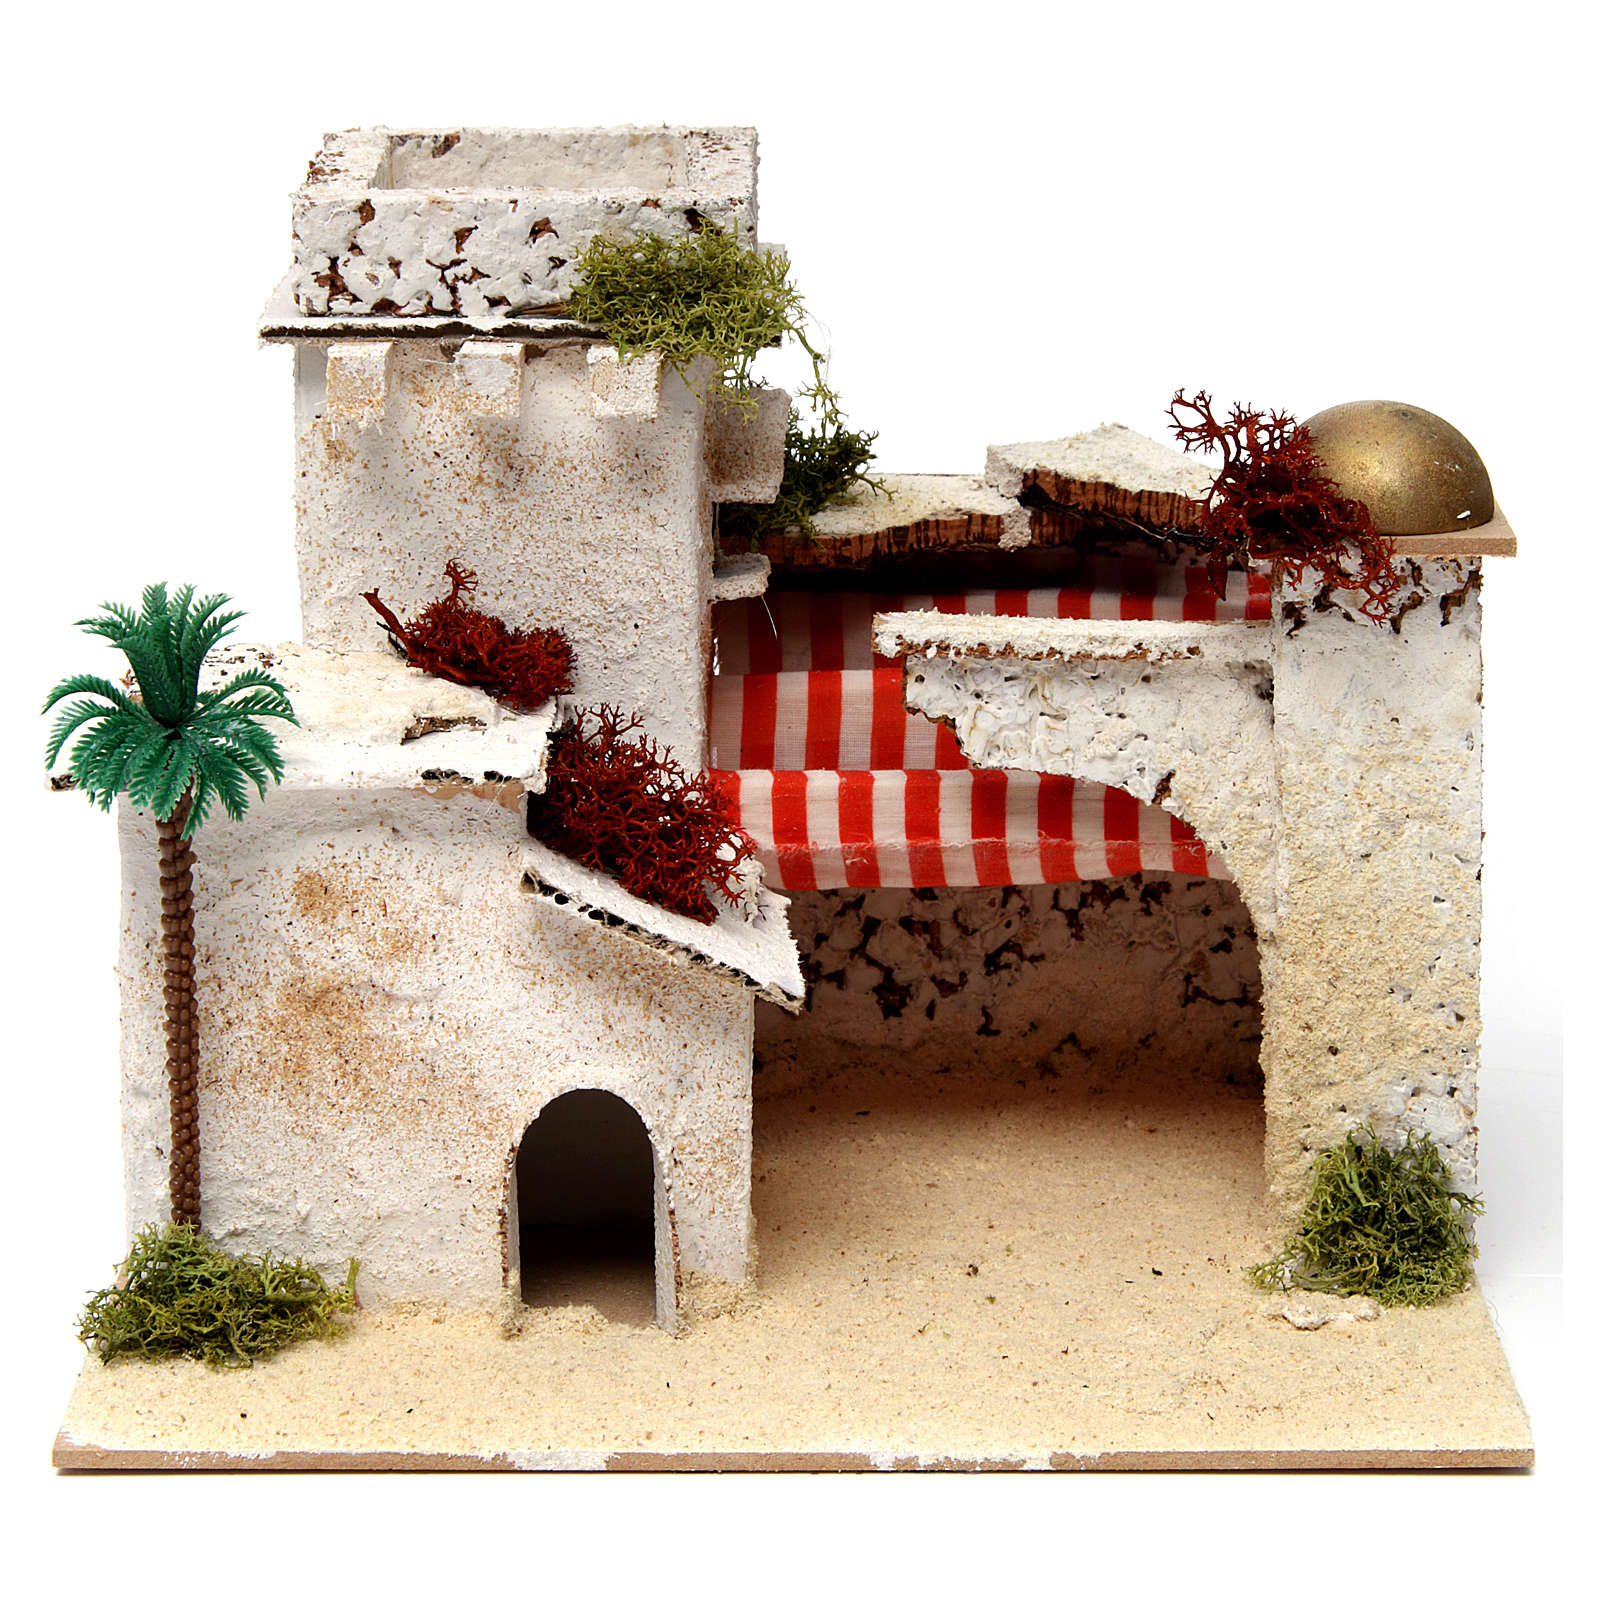 Casa in stile arabo con palma e porticato 20x25x20 cm 4